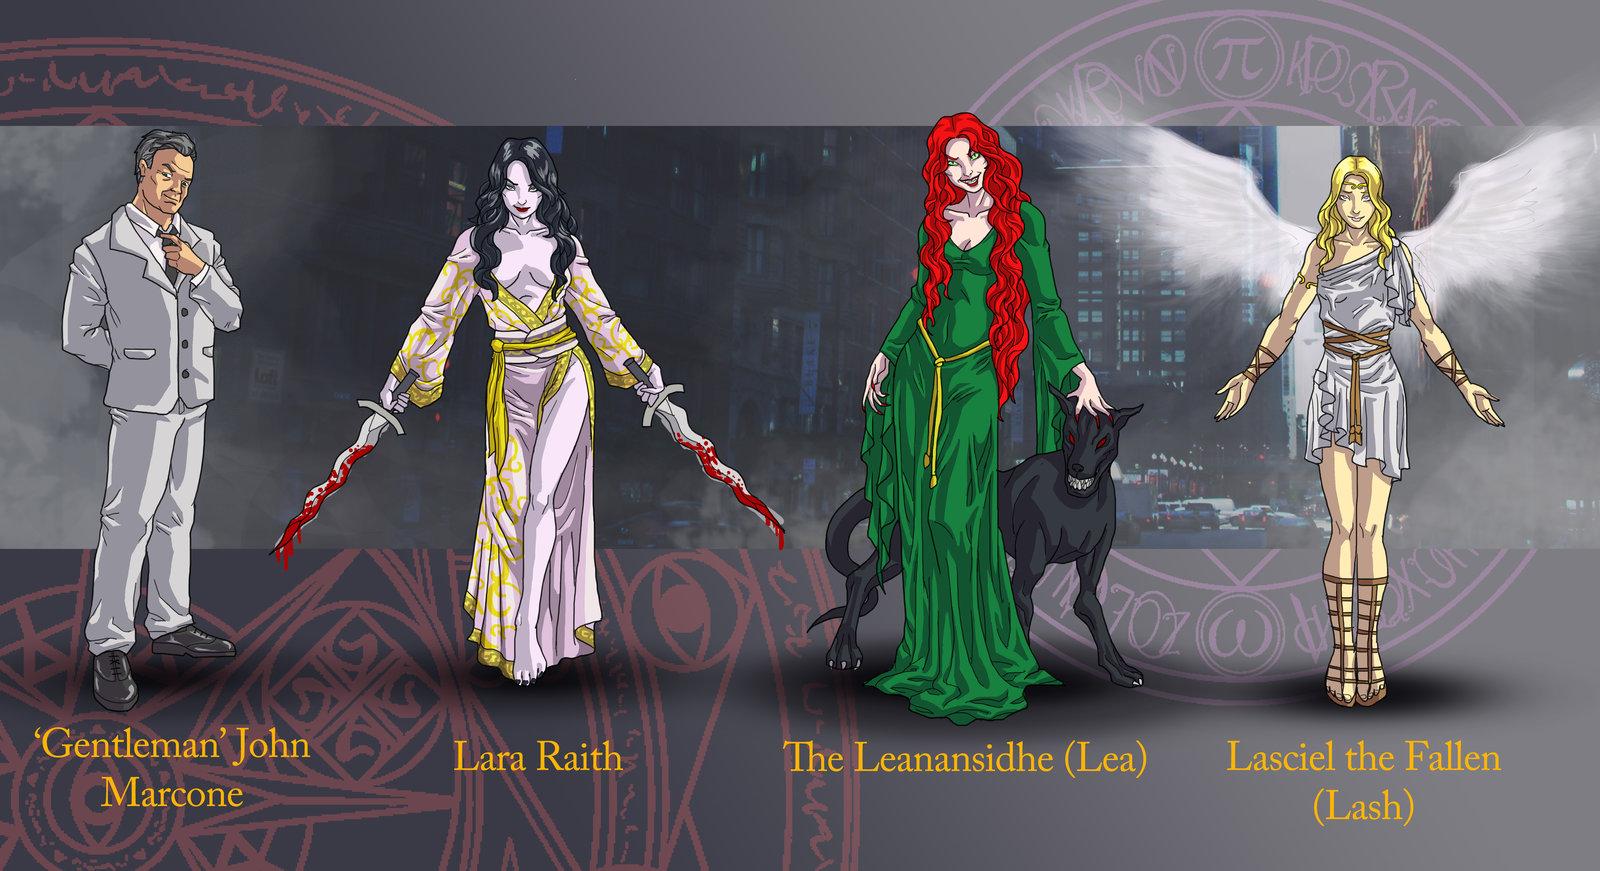 Dresden-Files-characters-by-wildcard-deviantart-com-on-deviantART-wallpaper-wp4605504